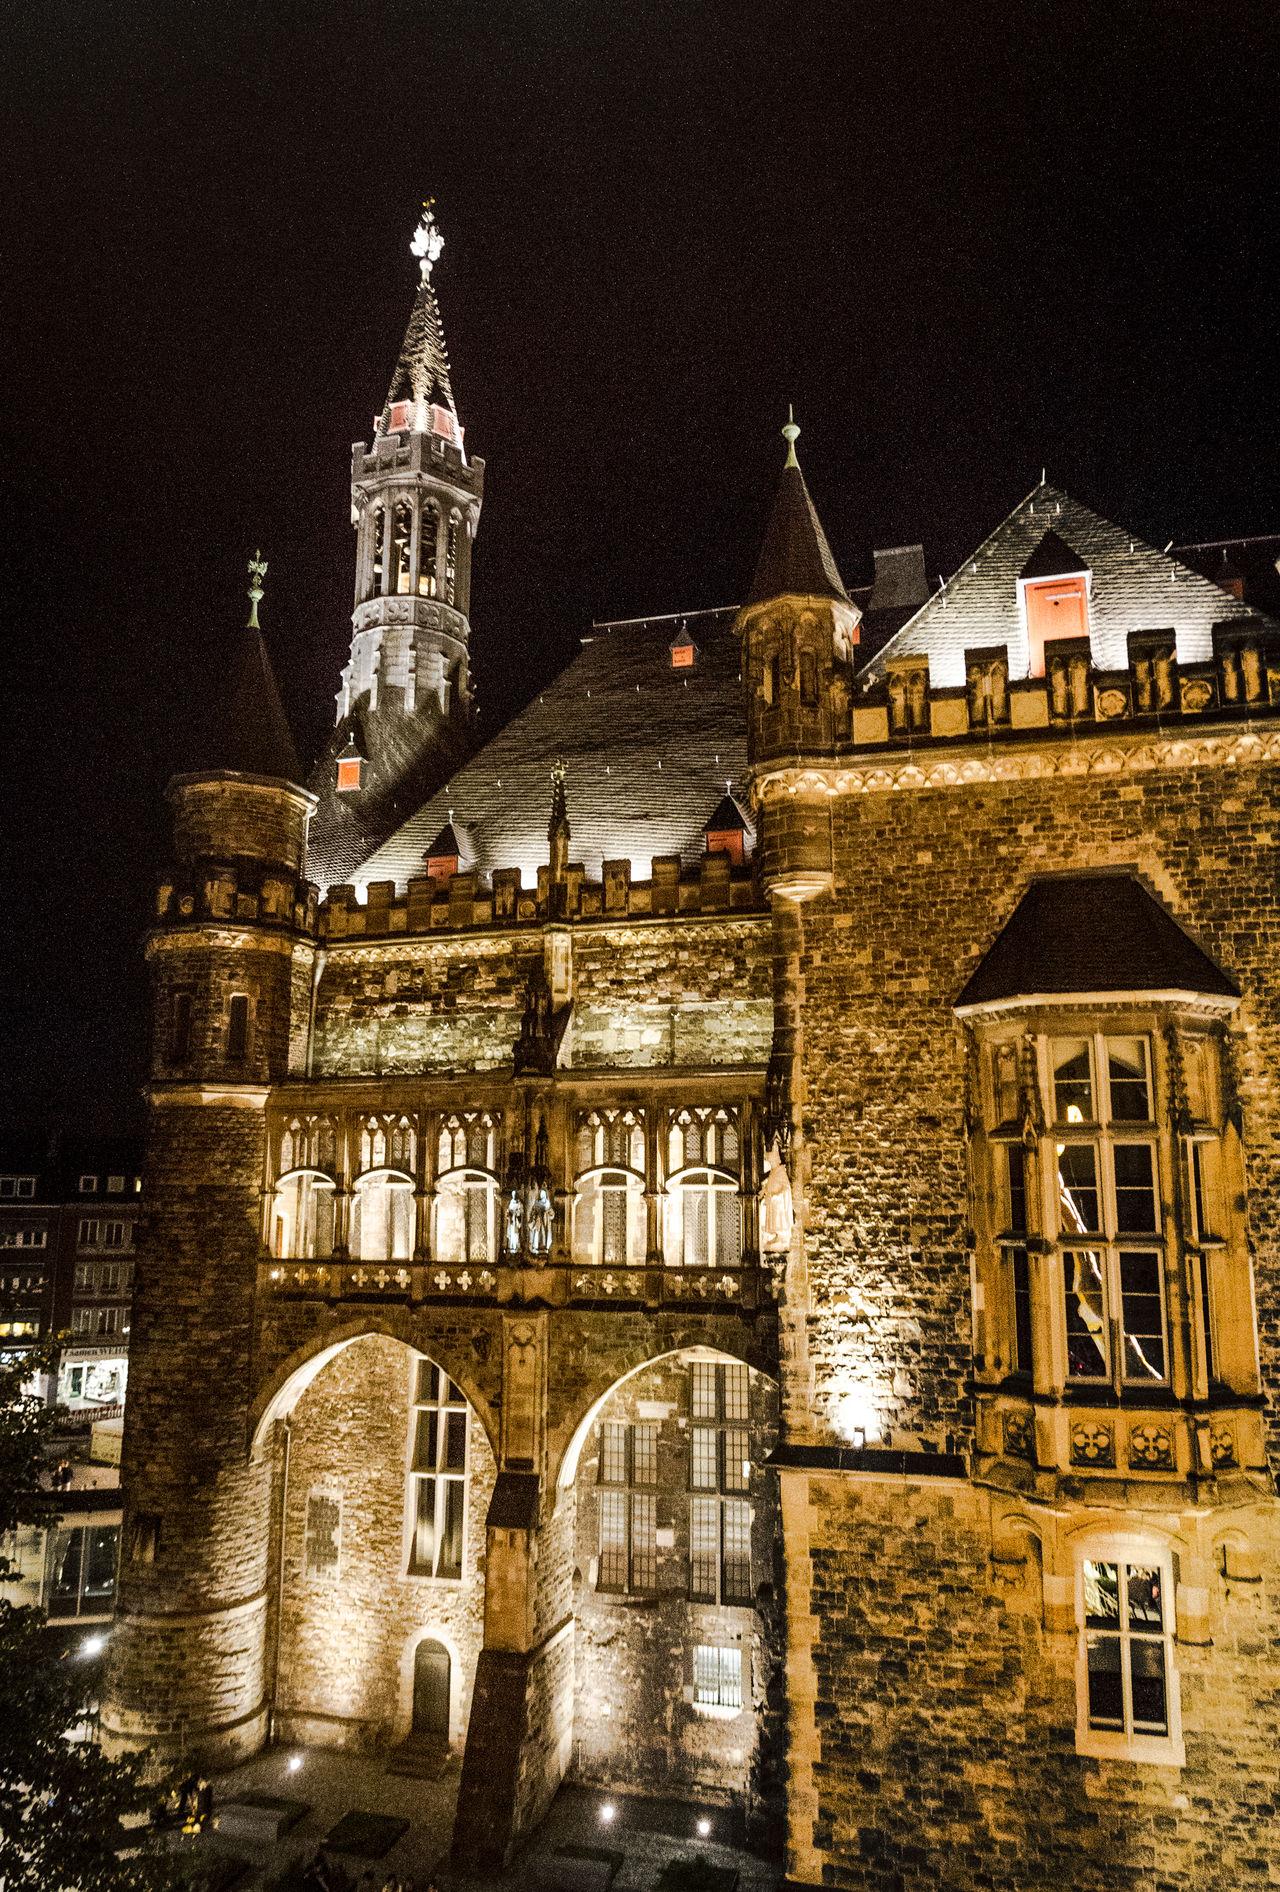 Aachen Aachenrathhaus Rathhaus Nightphotography Night Cityscape Cityscapes Old Monument Heritage